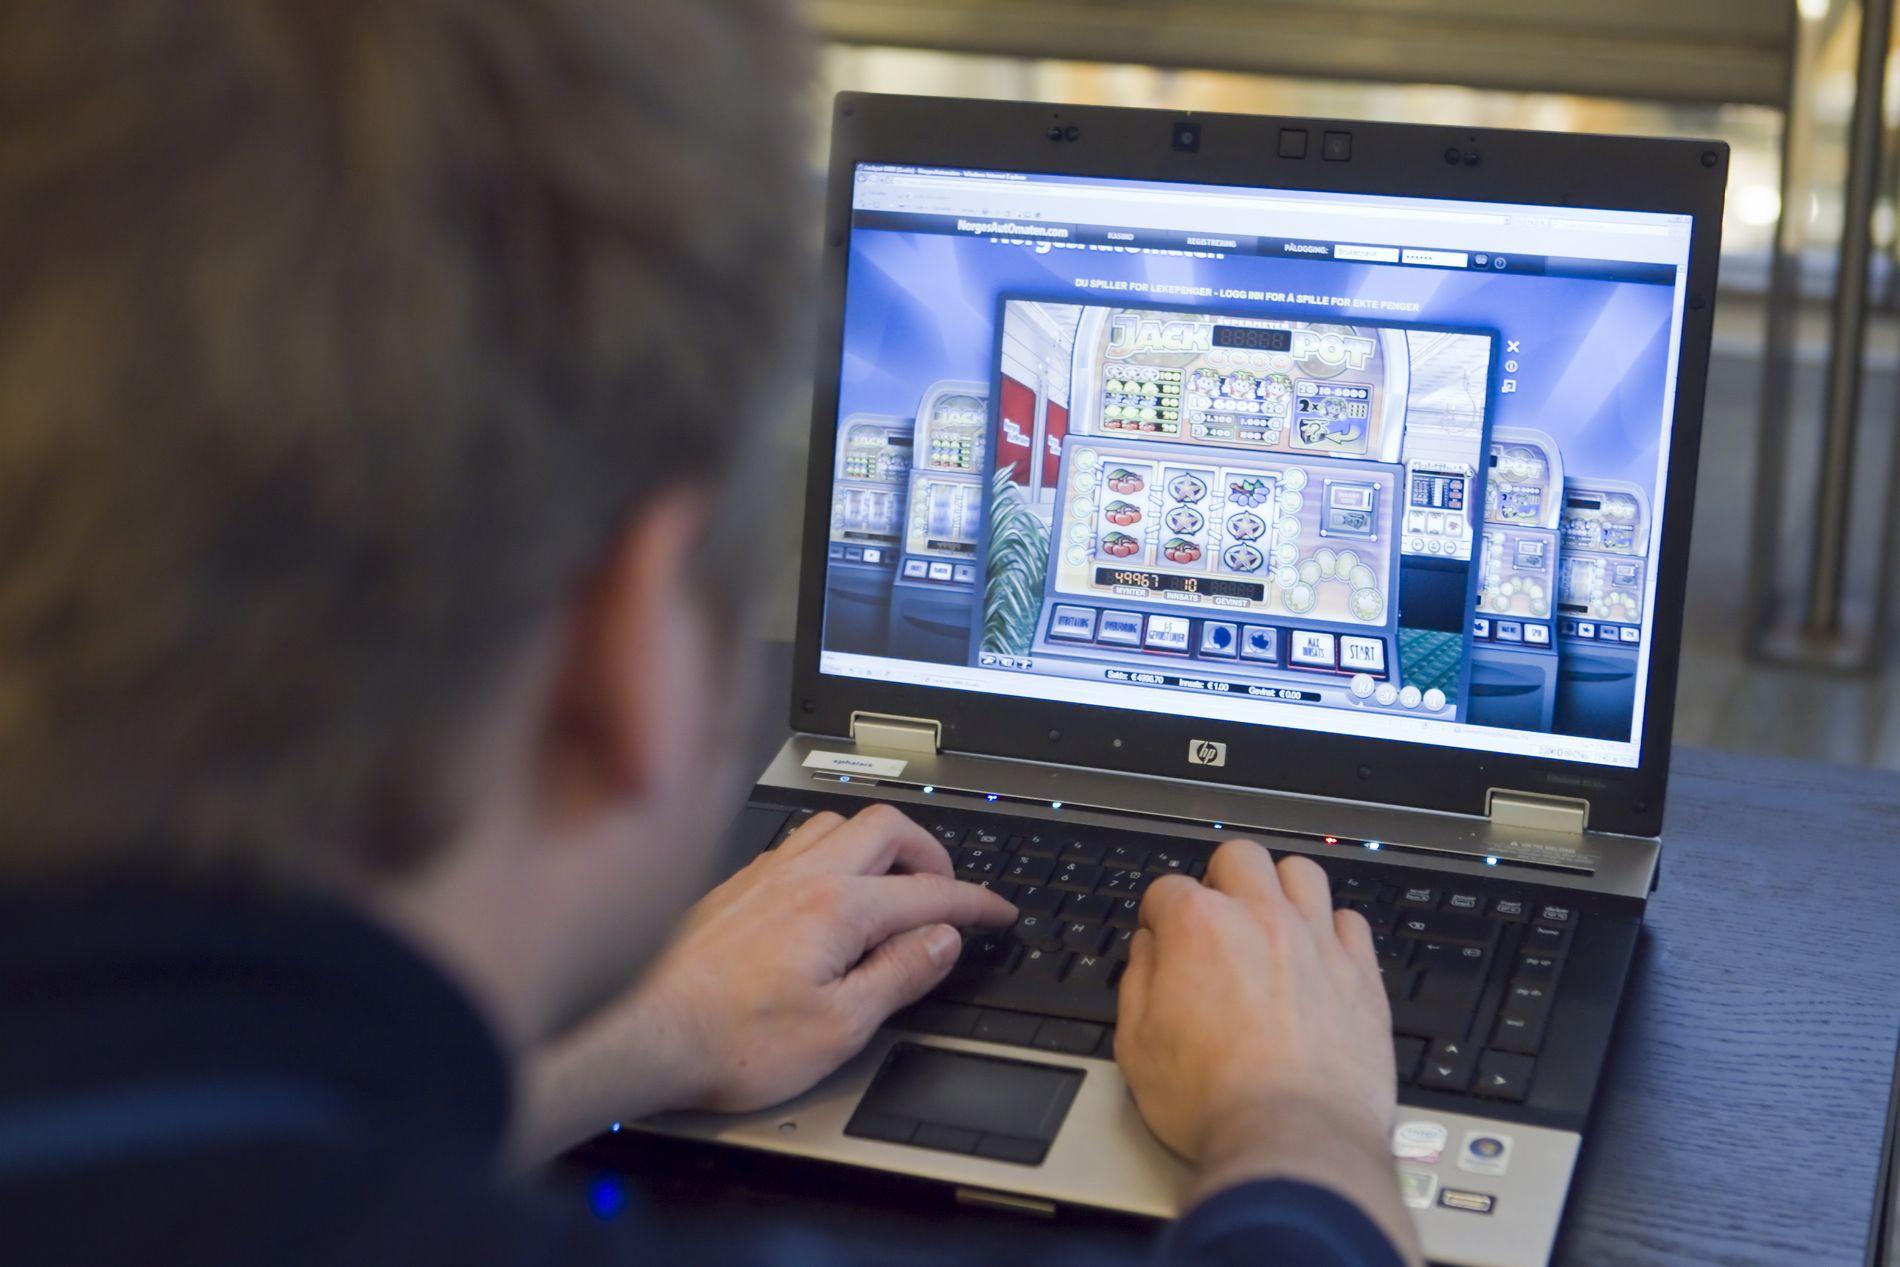 MILLIARDER I SPILL: Kulturdepartementet har gitt Norsk Tipping grønt lys til å utvikle nettspill. Departementet mener at nettspill i statlig regi er nødvendig for å hindre at folk tyr til illegale spilltilbud. Nettspillmarkedet er verdt milliarder av kroner.